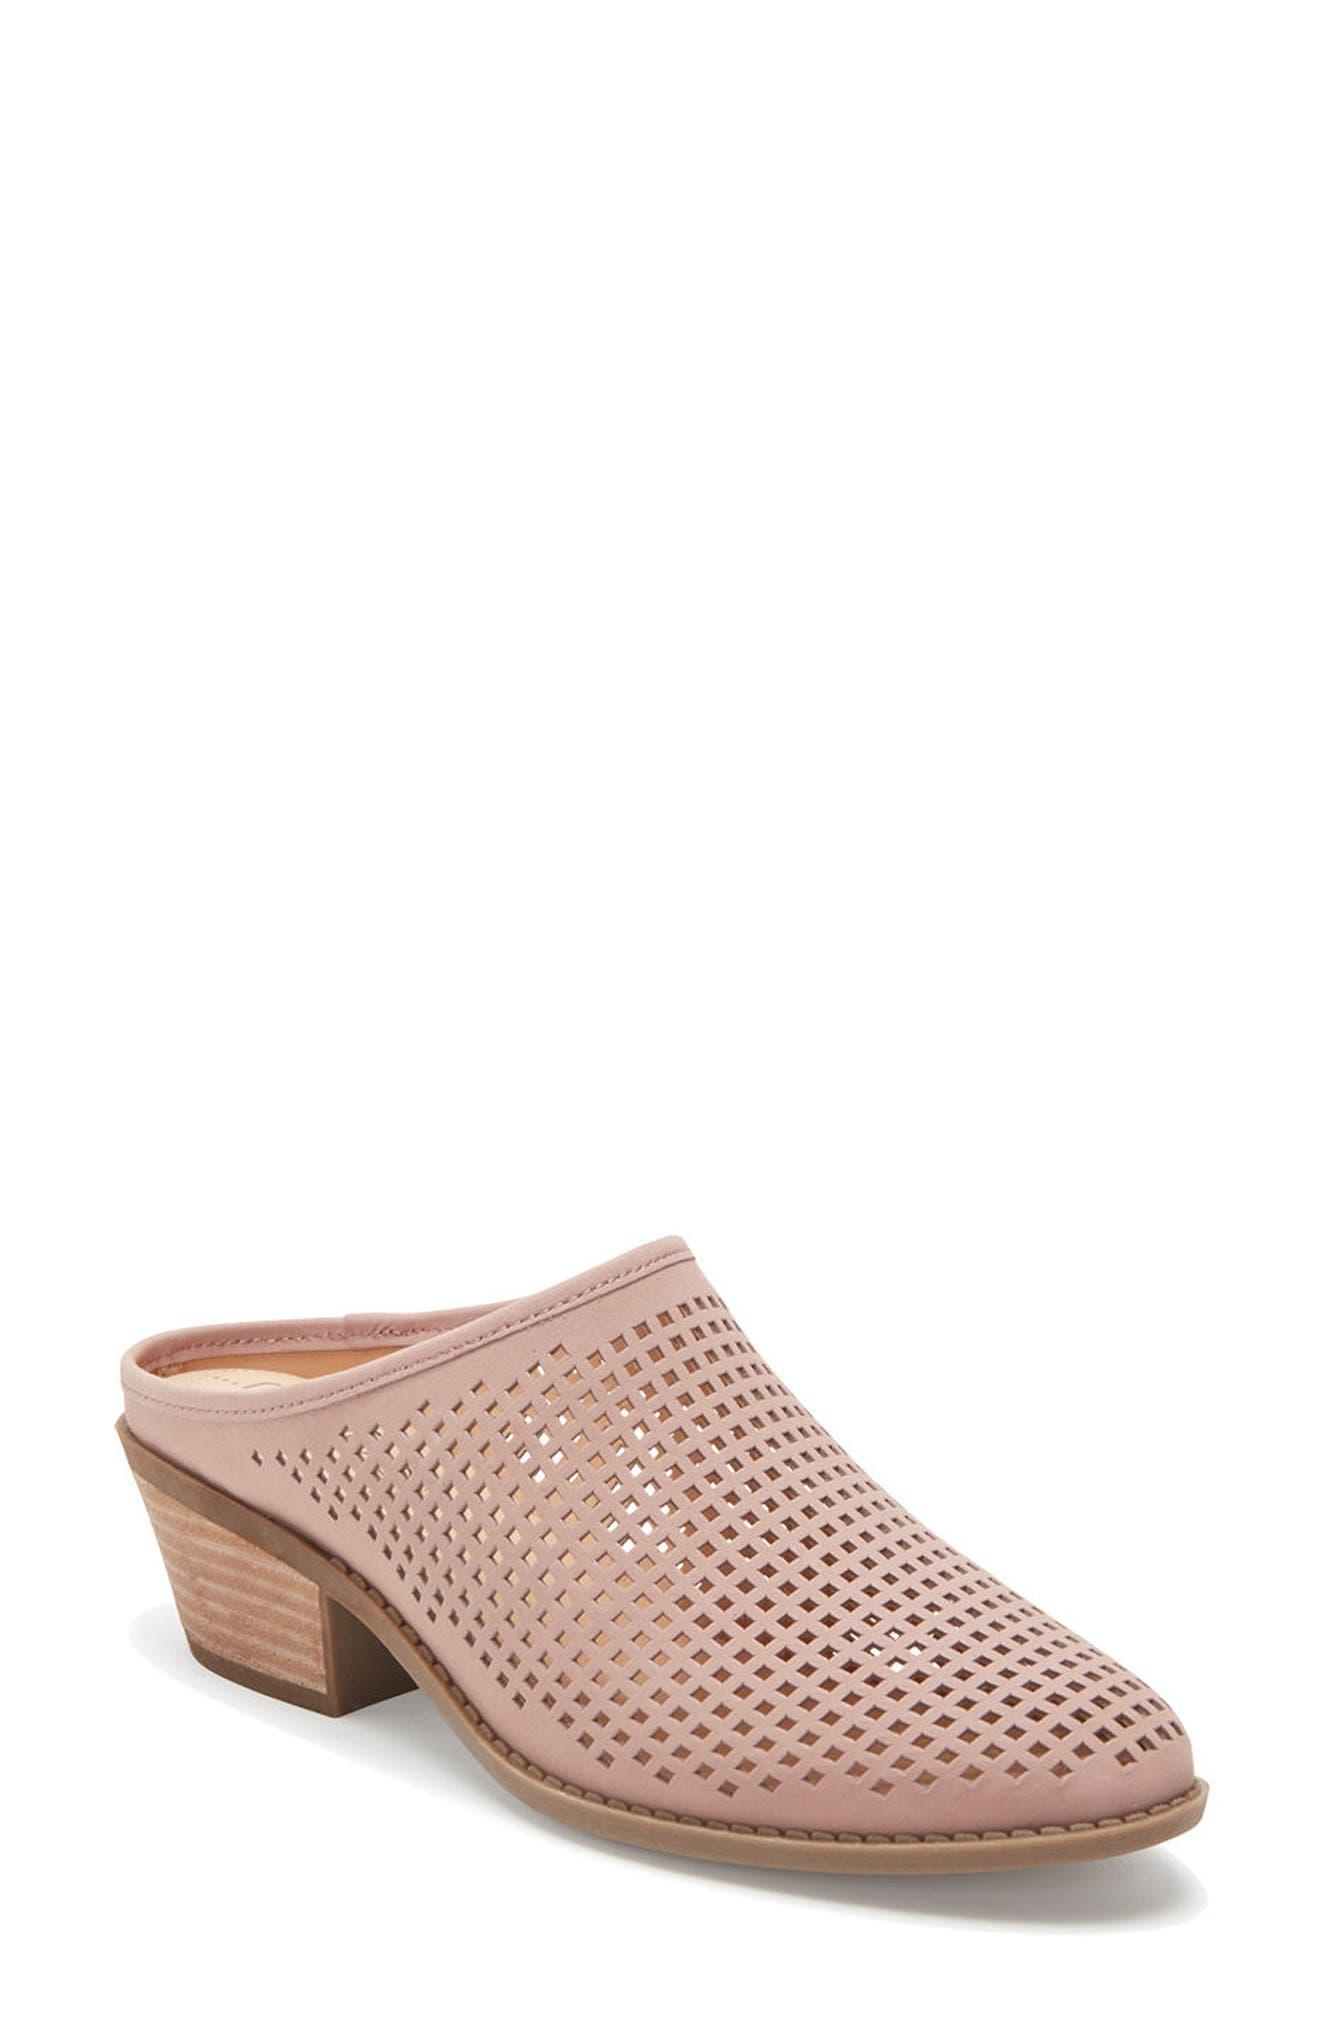 Zara Block Heel Mule,                         Main,                         color, Rose Nubuck